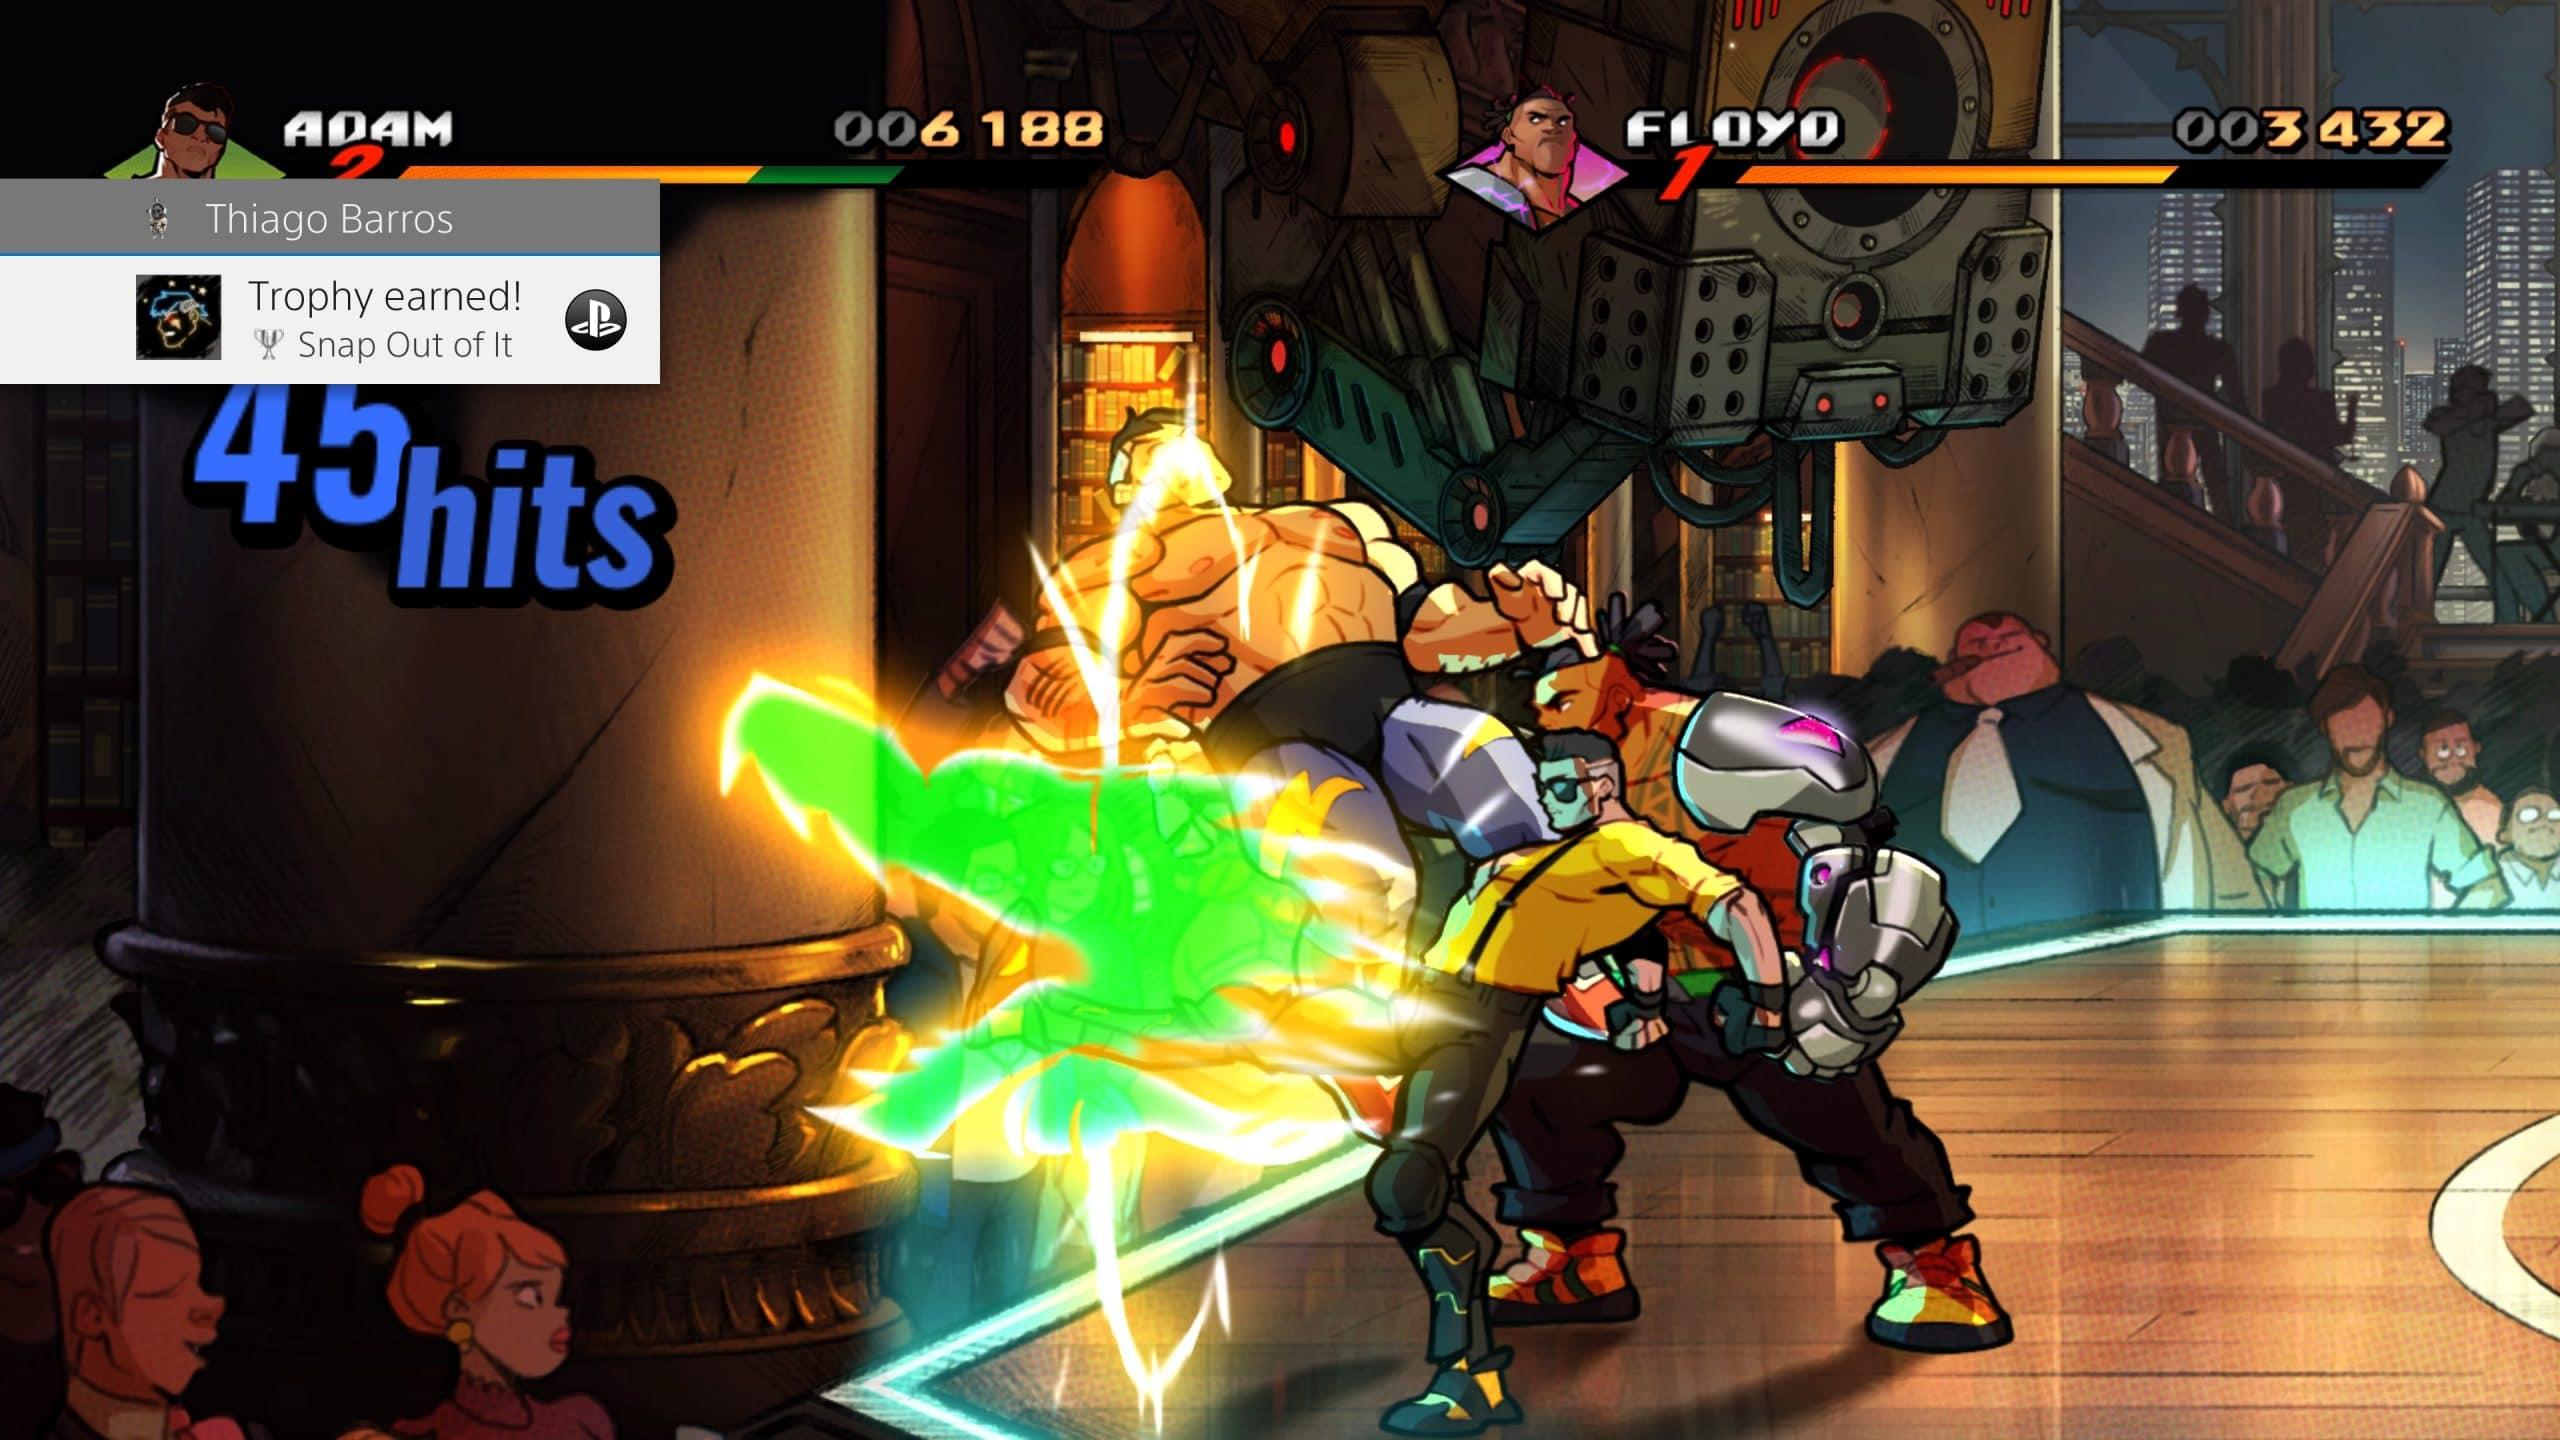 Combate em Streets of Rage 4 é bem divertido